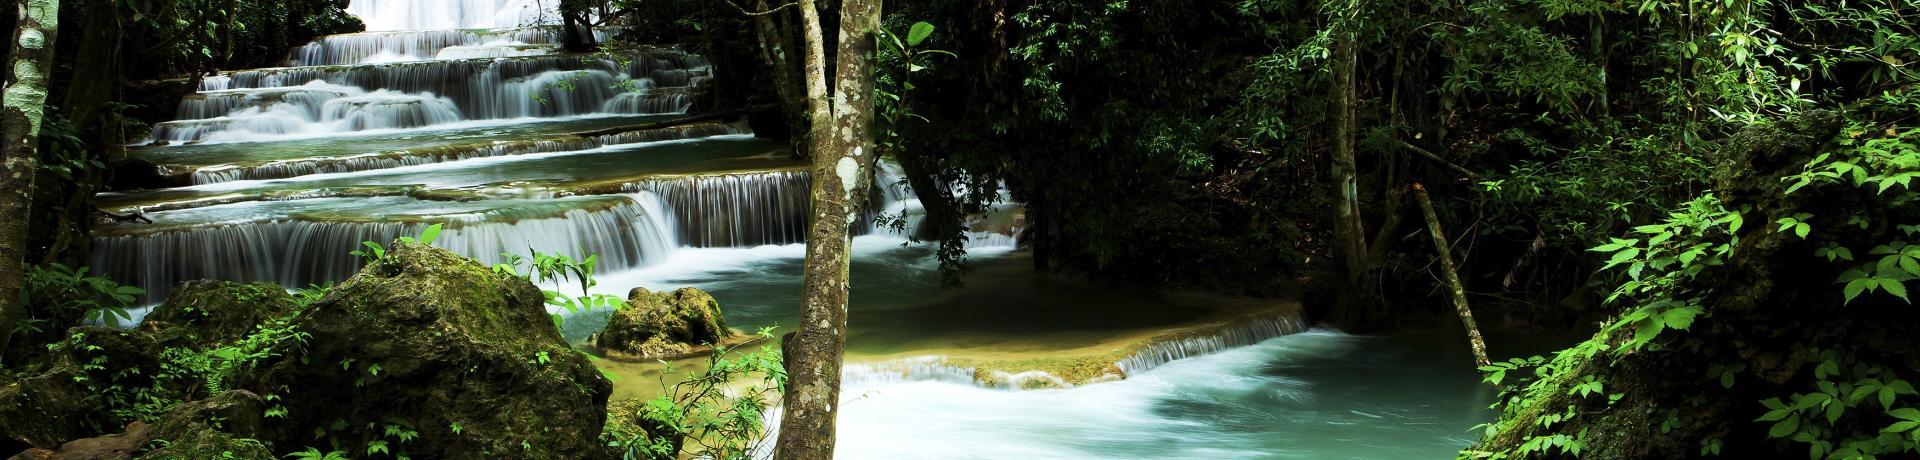 209+Thailand+Huai_Mae_Khamin_Wasserfall+TS_175116971.jpg